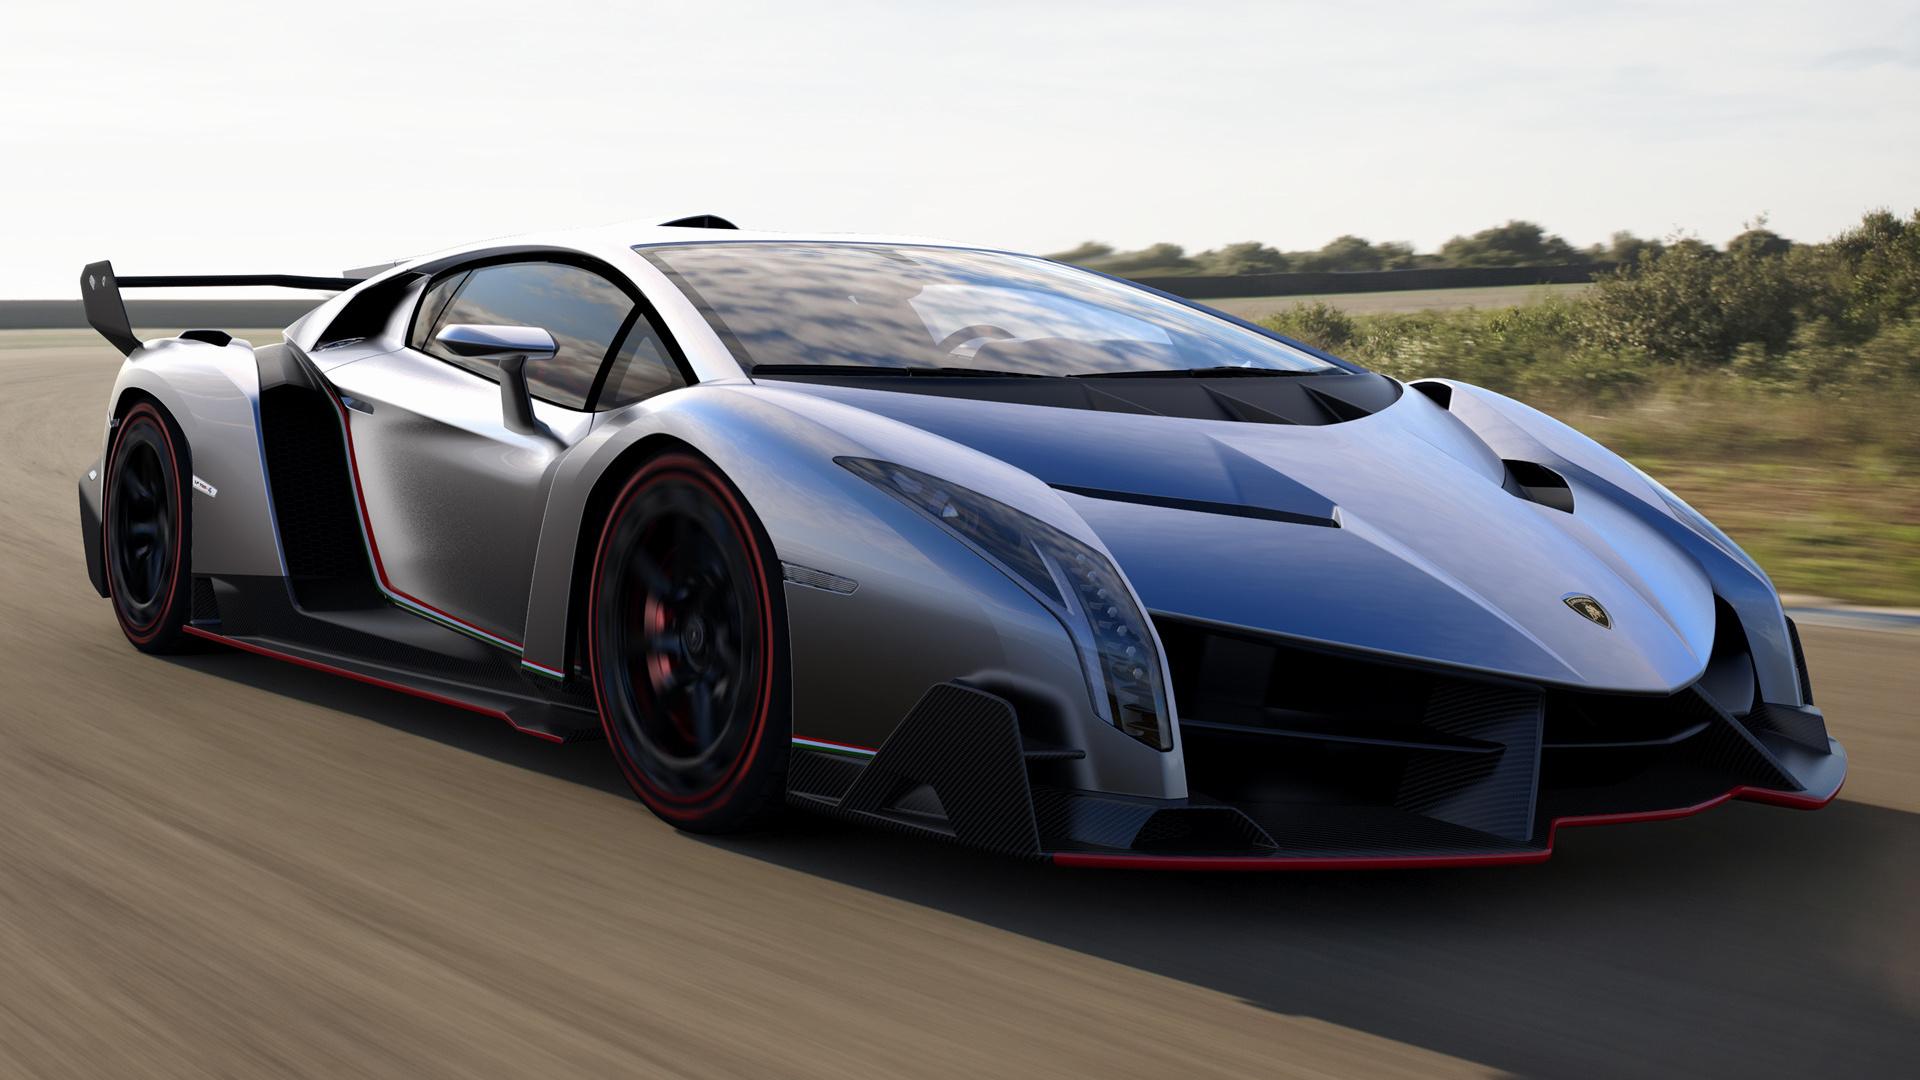 2013 Lamborghini Veneno Wallpapers And Hd Images Car Pixel